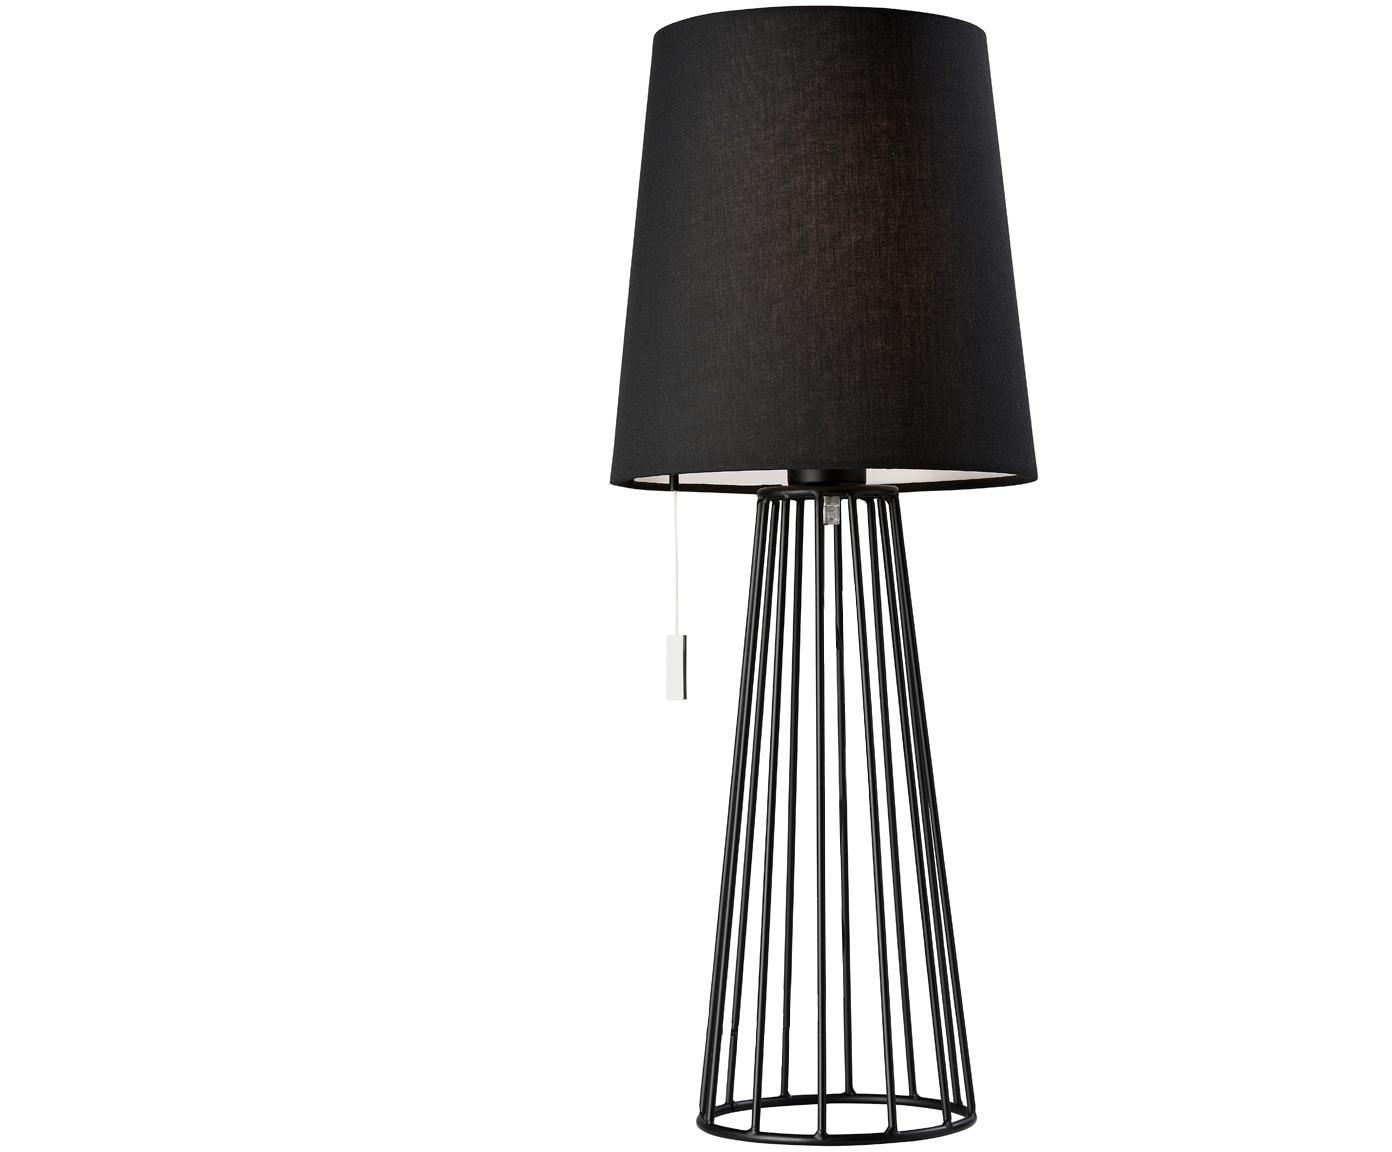 Duża lampa stołowa Mailand, Czarny, Ø 23 x W 59 cm